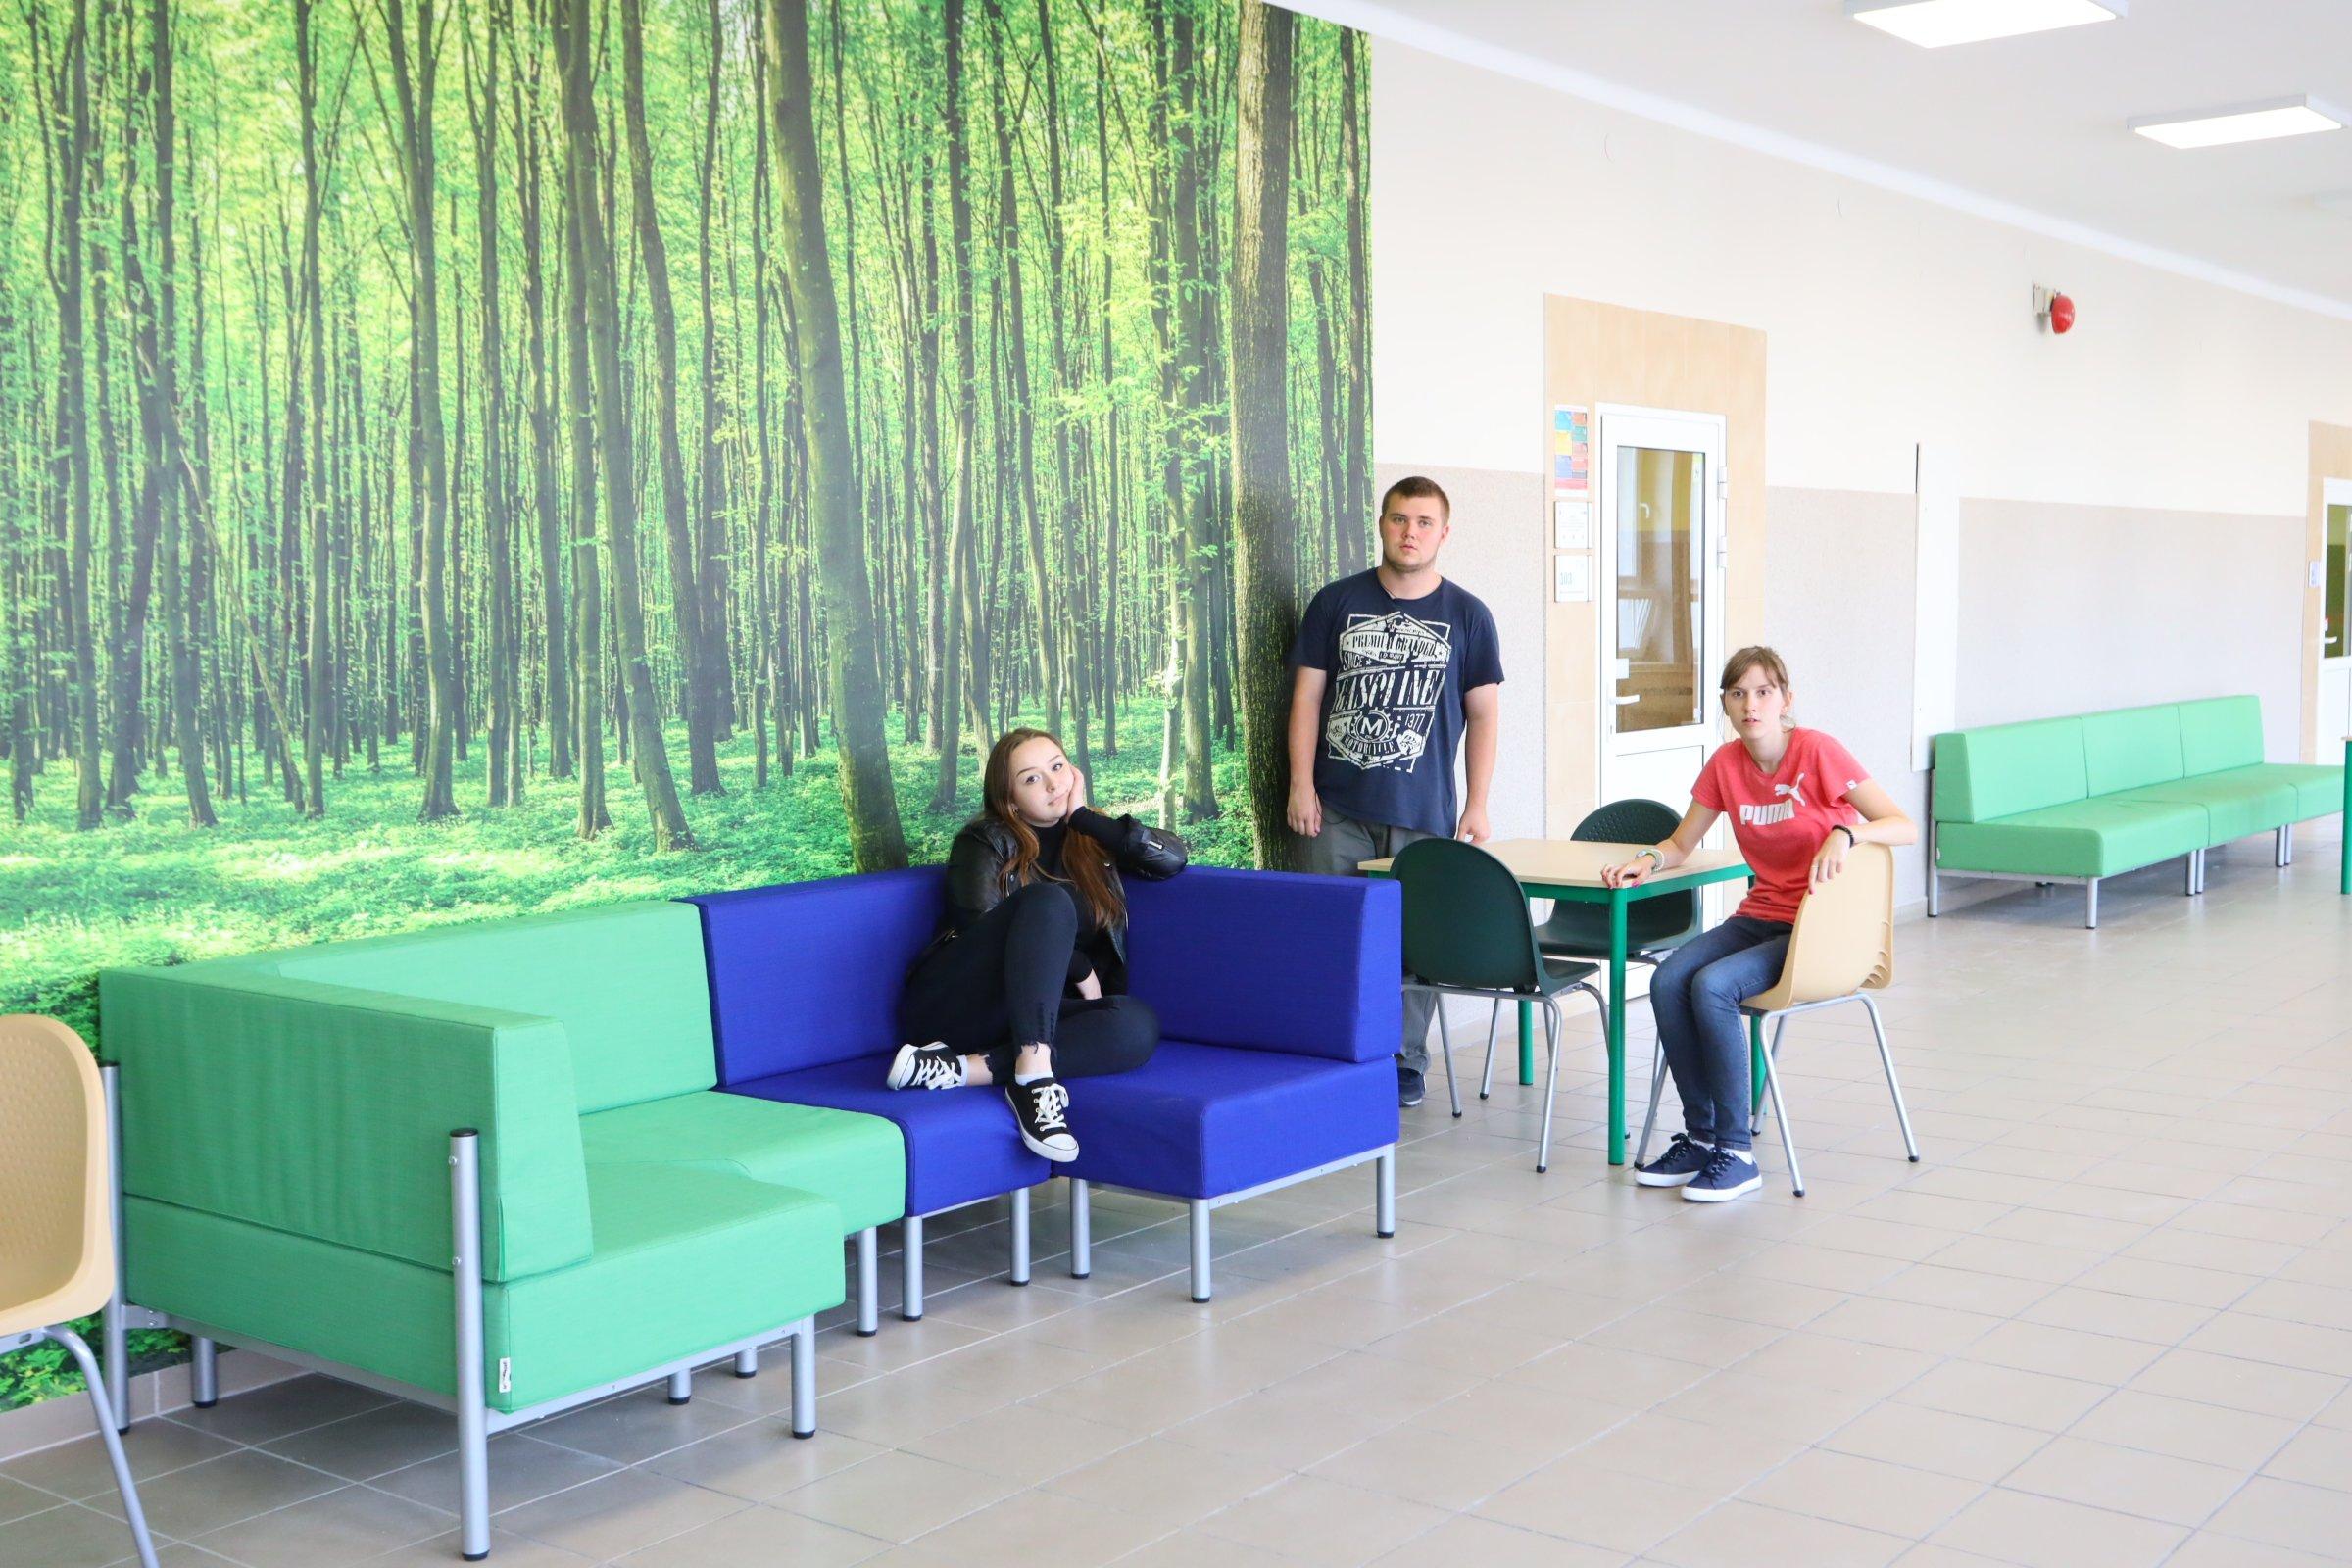 trzy młode osoby siedzą na korytarzu szkolnym na sofach i krzesłach, na ścianie fototapeta przedstawiająca las